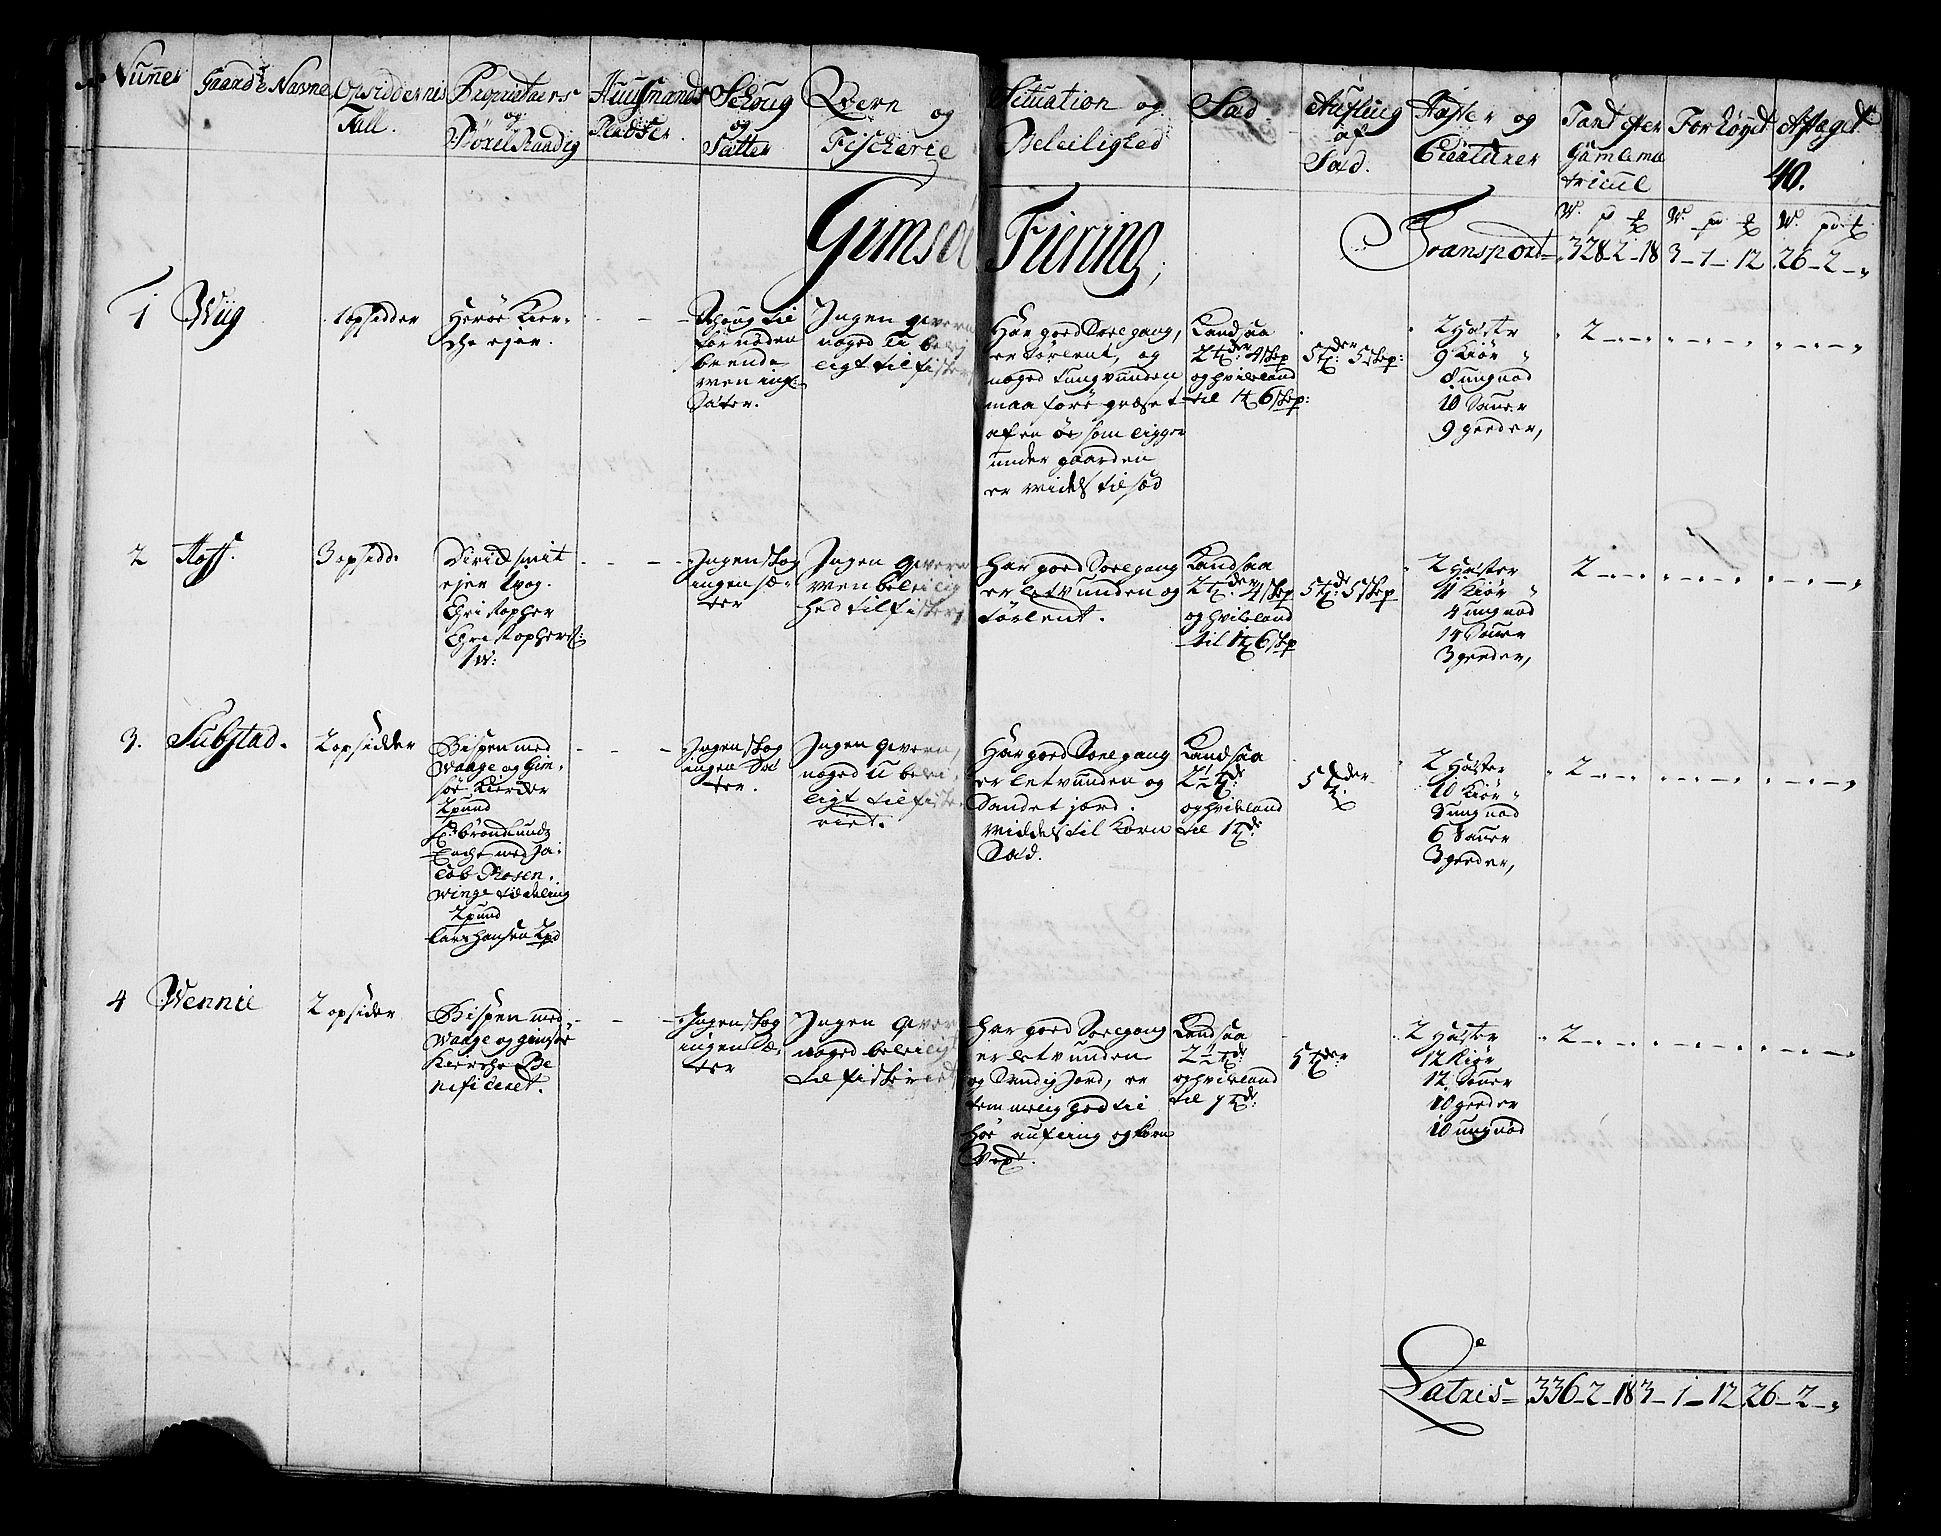 RA, Rentekammeret inntil 1814, Realistisk ordnet avdeling, N/Nb/Nbf/L0174: Lofoten eksaminasjonsprotokoll, 1723, s. 39b-40a